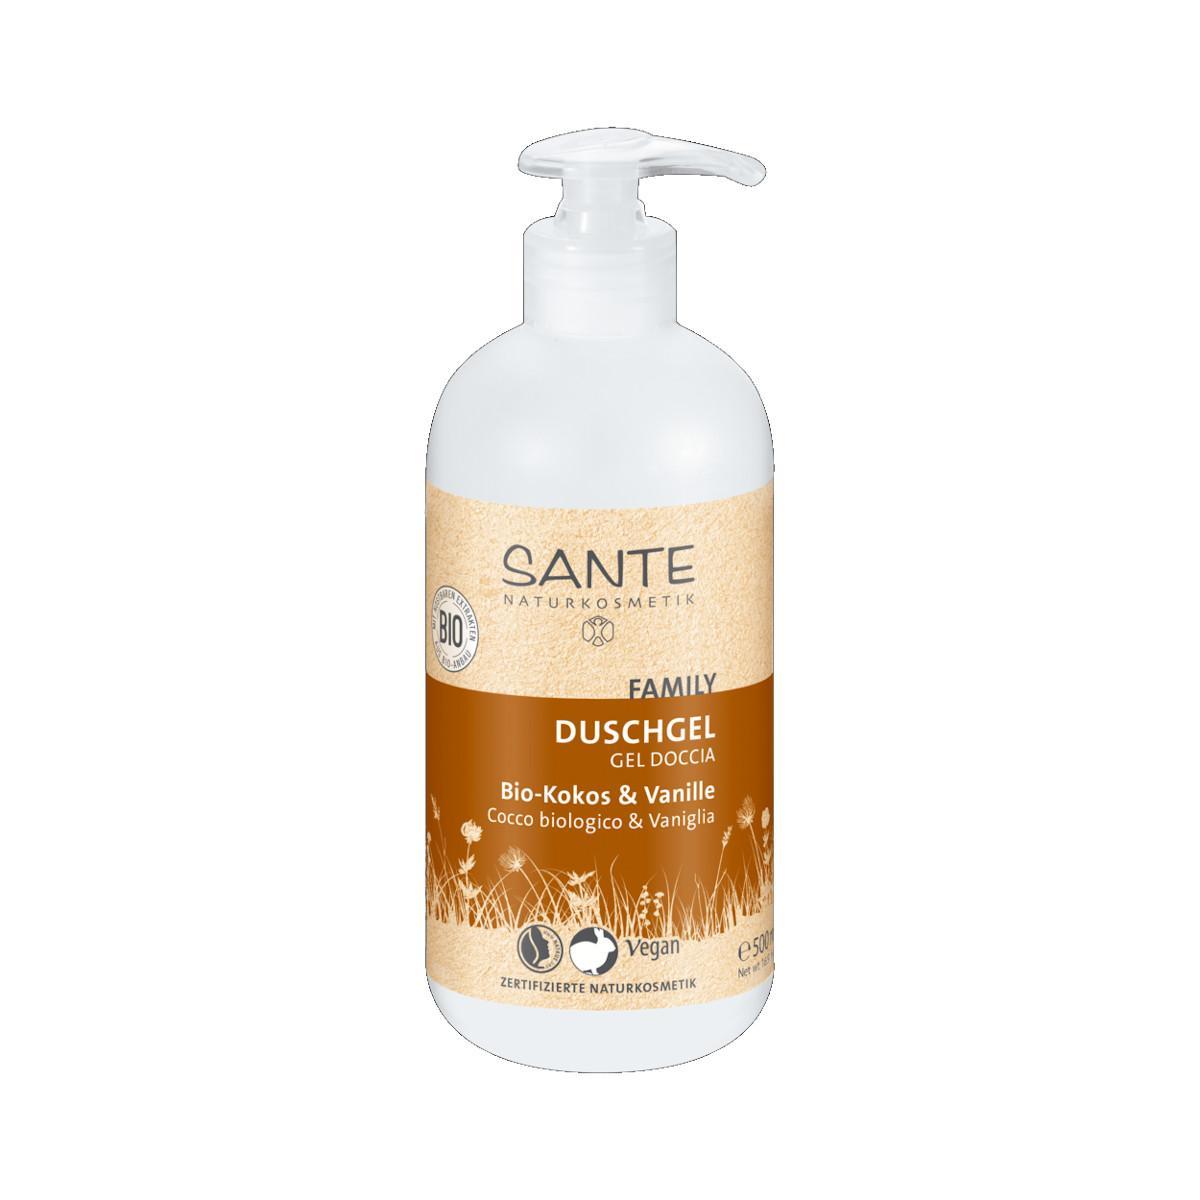 Santé Sprchový gel bio kokos a vanilka, Family 500 ml